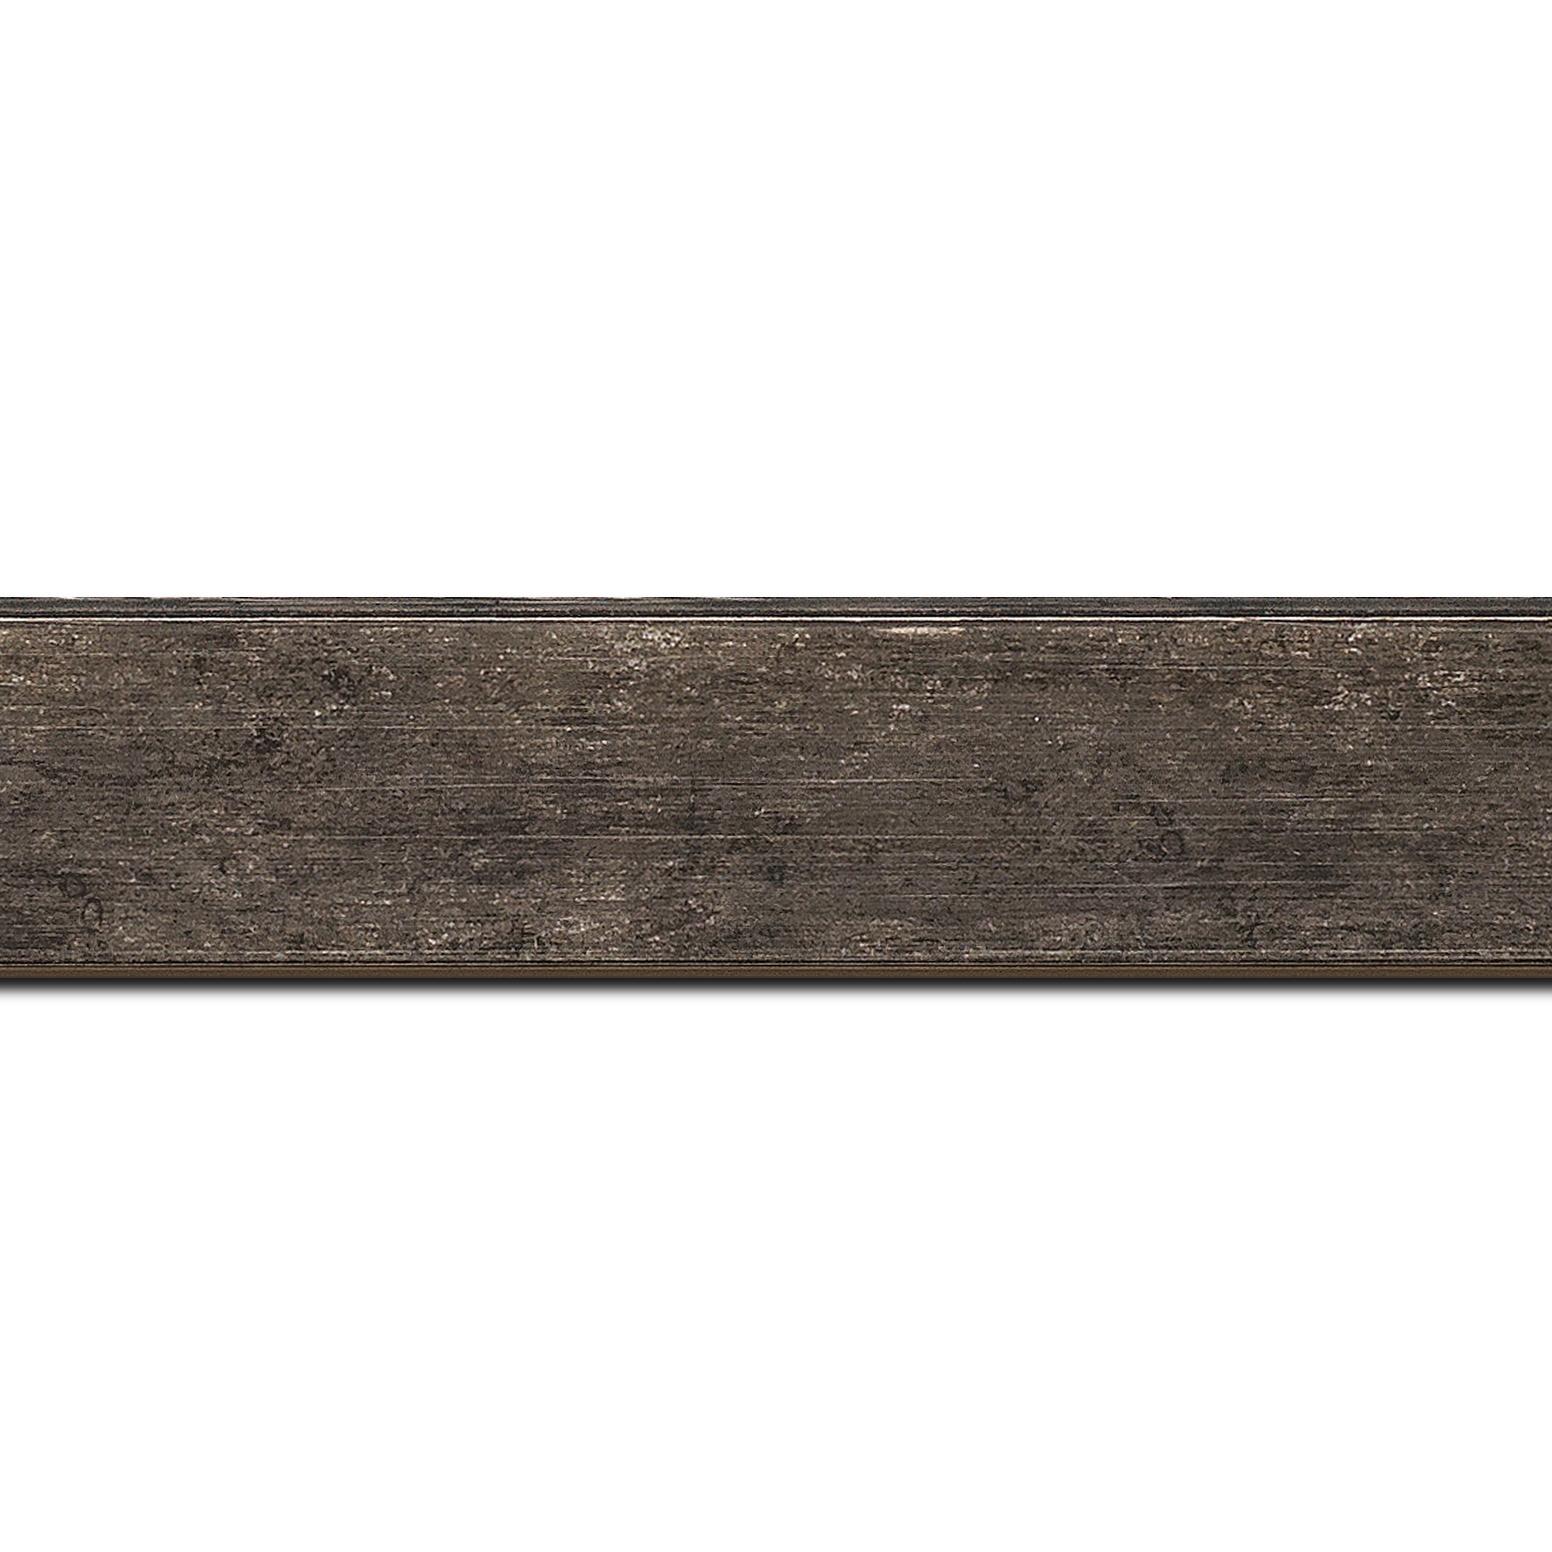 Baguette longueur 1.40m bois profil plat incliné largeur 3.7cm couleur noir ébène effet ressuyé